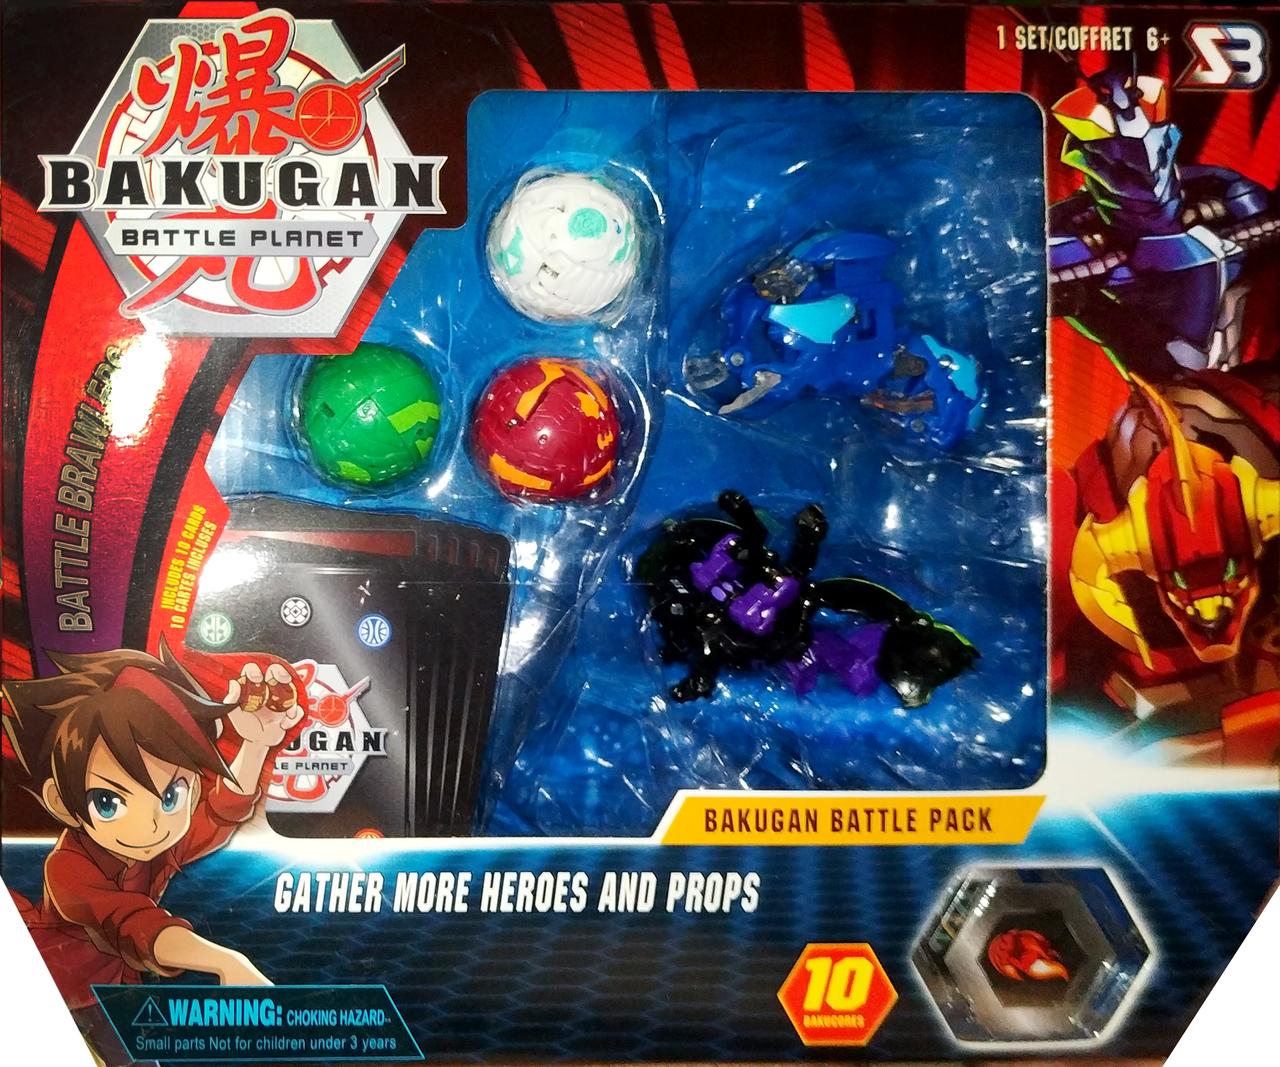 Игровой набор Bakugan Battle planet Фигурки трансформеры Бакуган 5шт Вид 2